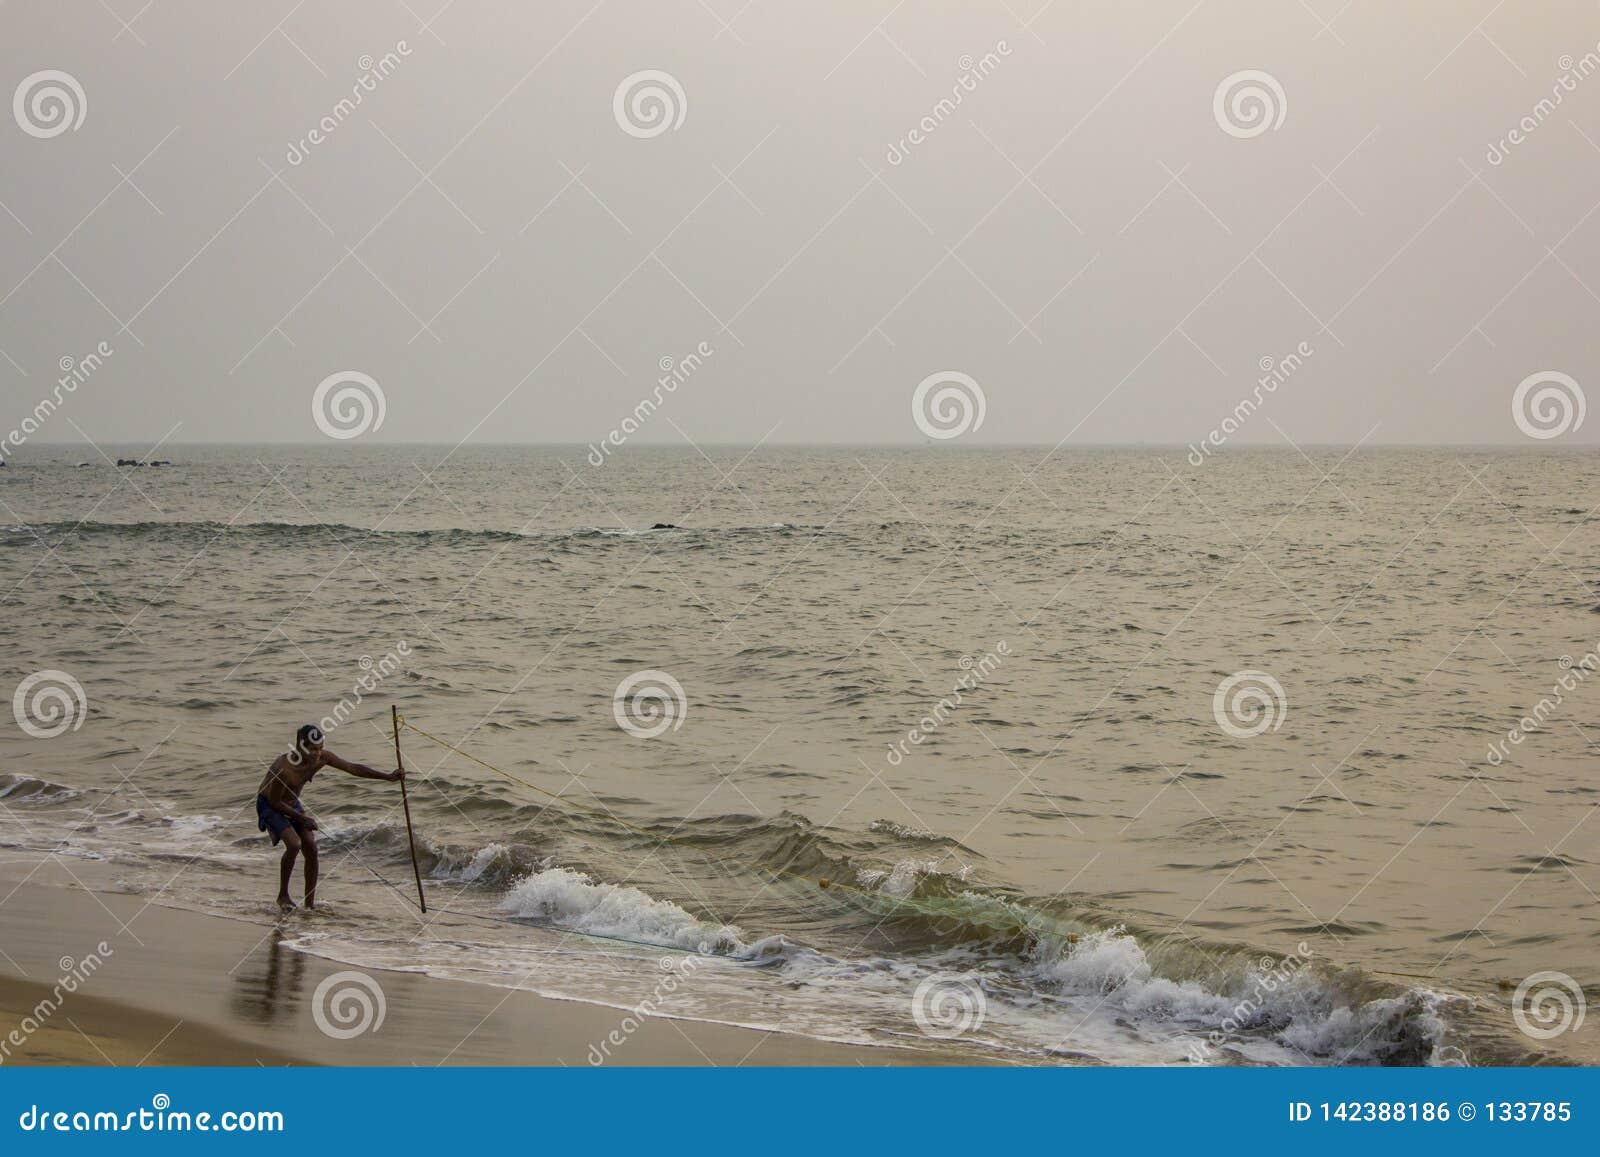 Ινδικός ψαράς με ένα δίχτυ του ψαρέματος σε μια αμμώδη παραλία ενάντια στον ωκεανό το βράδυ